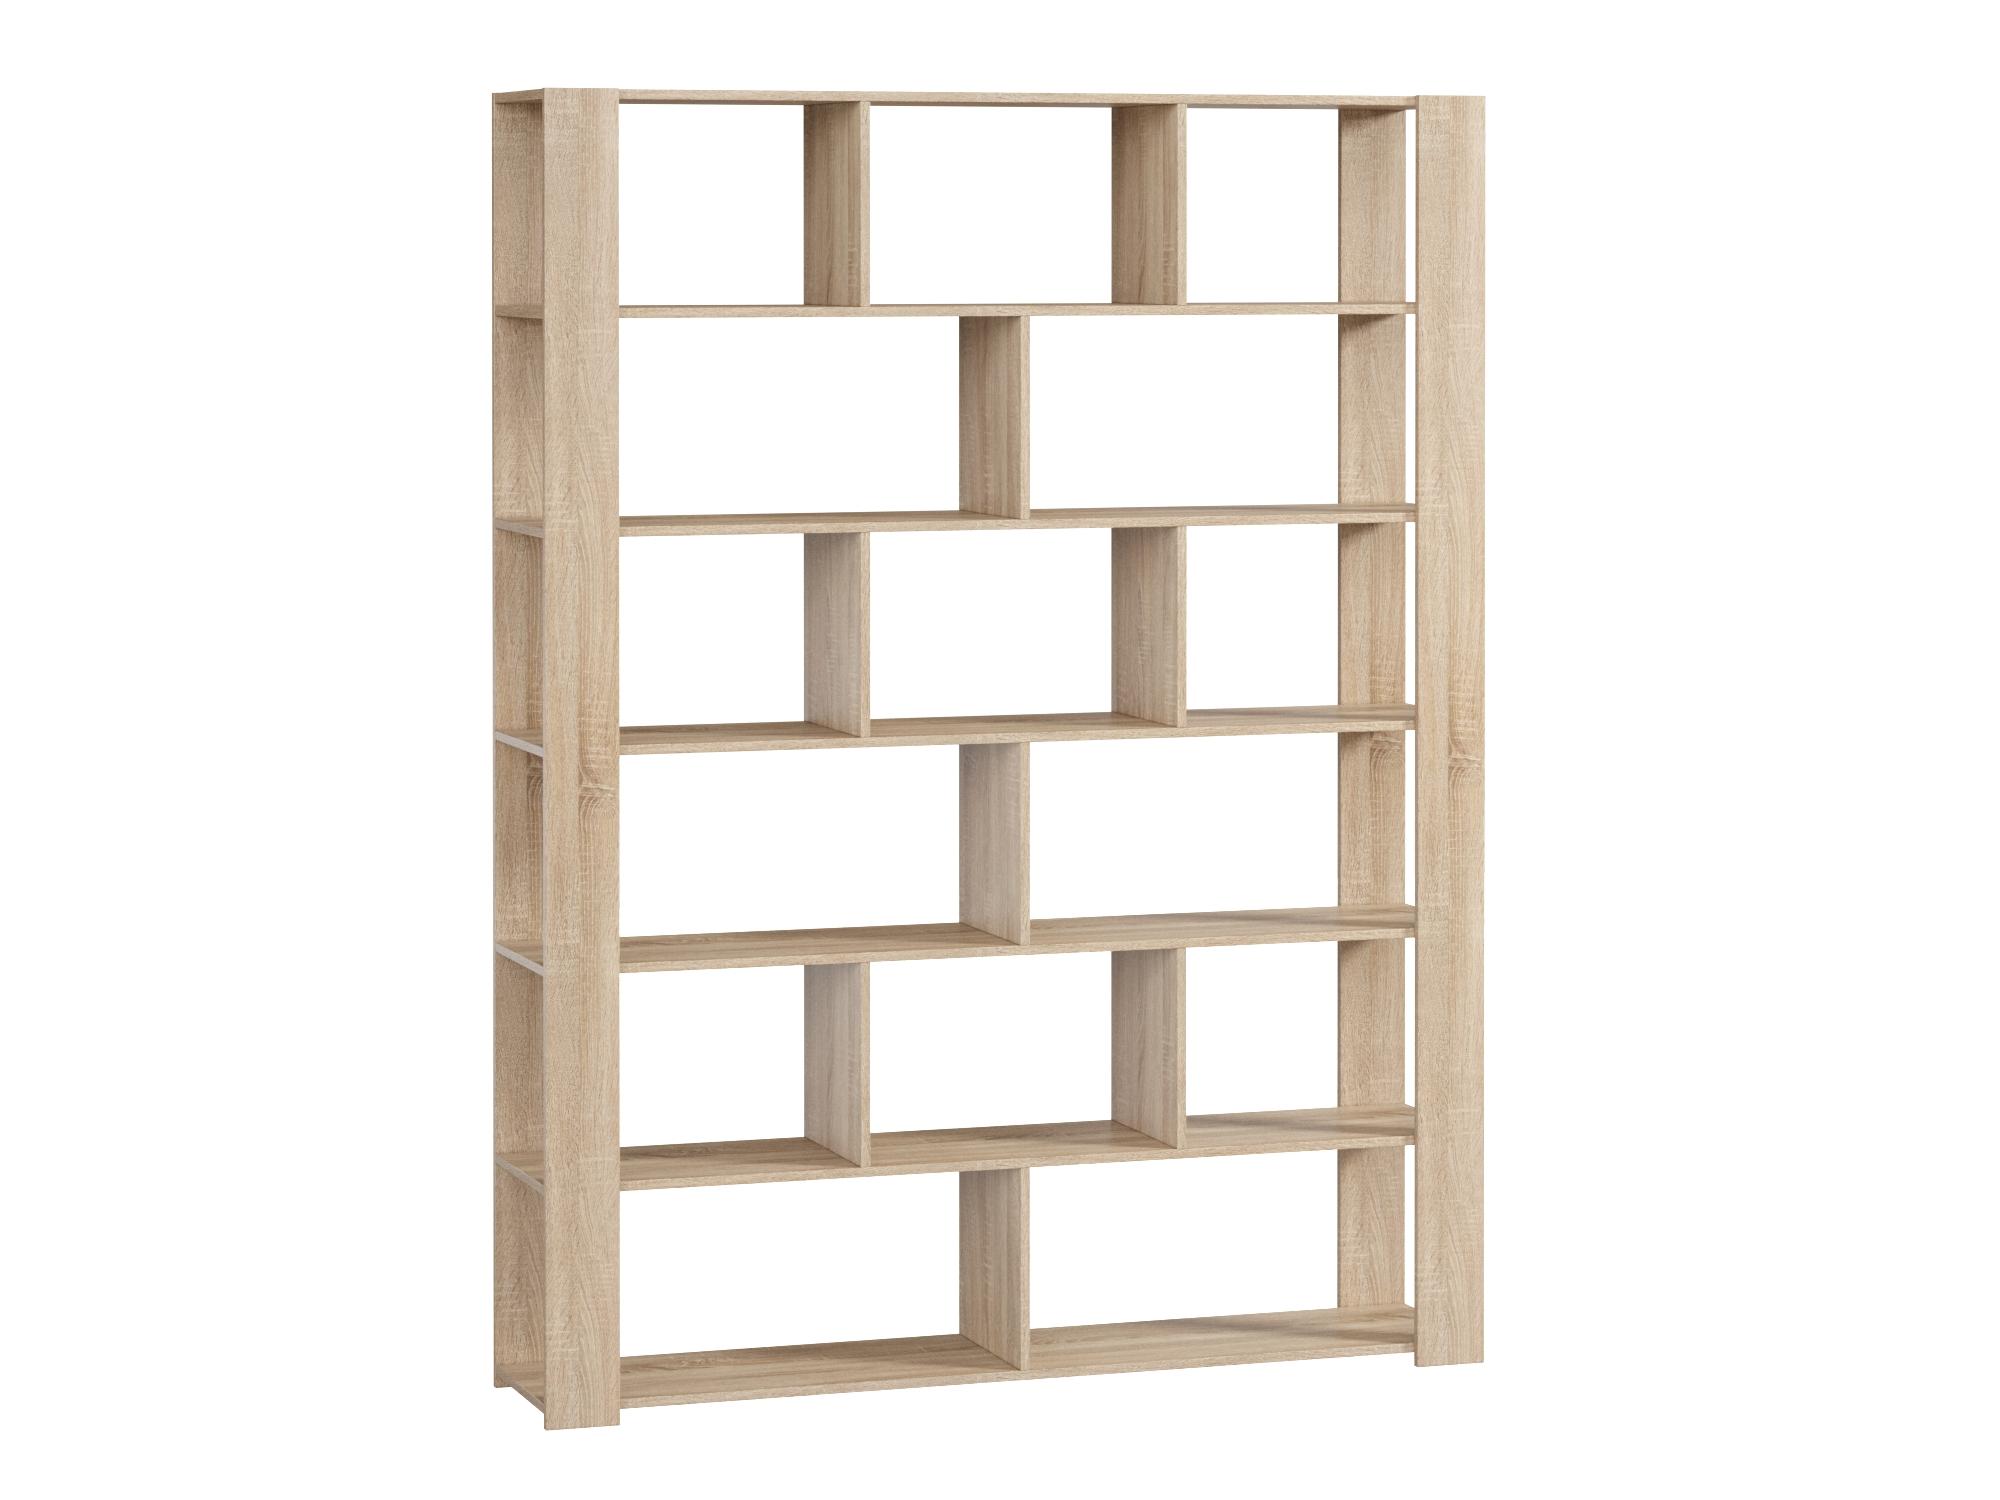 картинка Сплит-1600 стеллаж от магазина Woodcraft